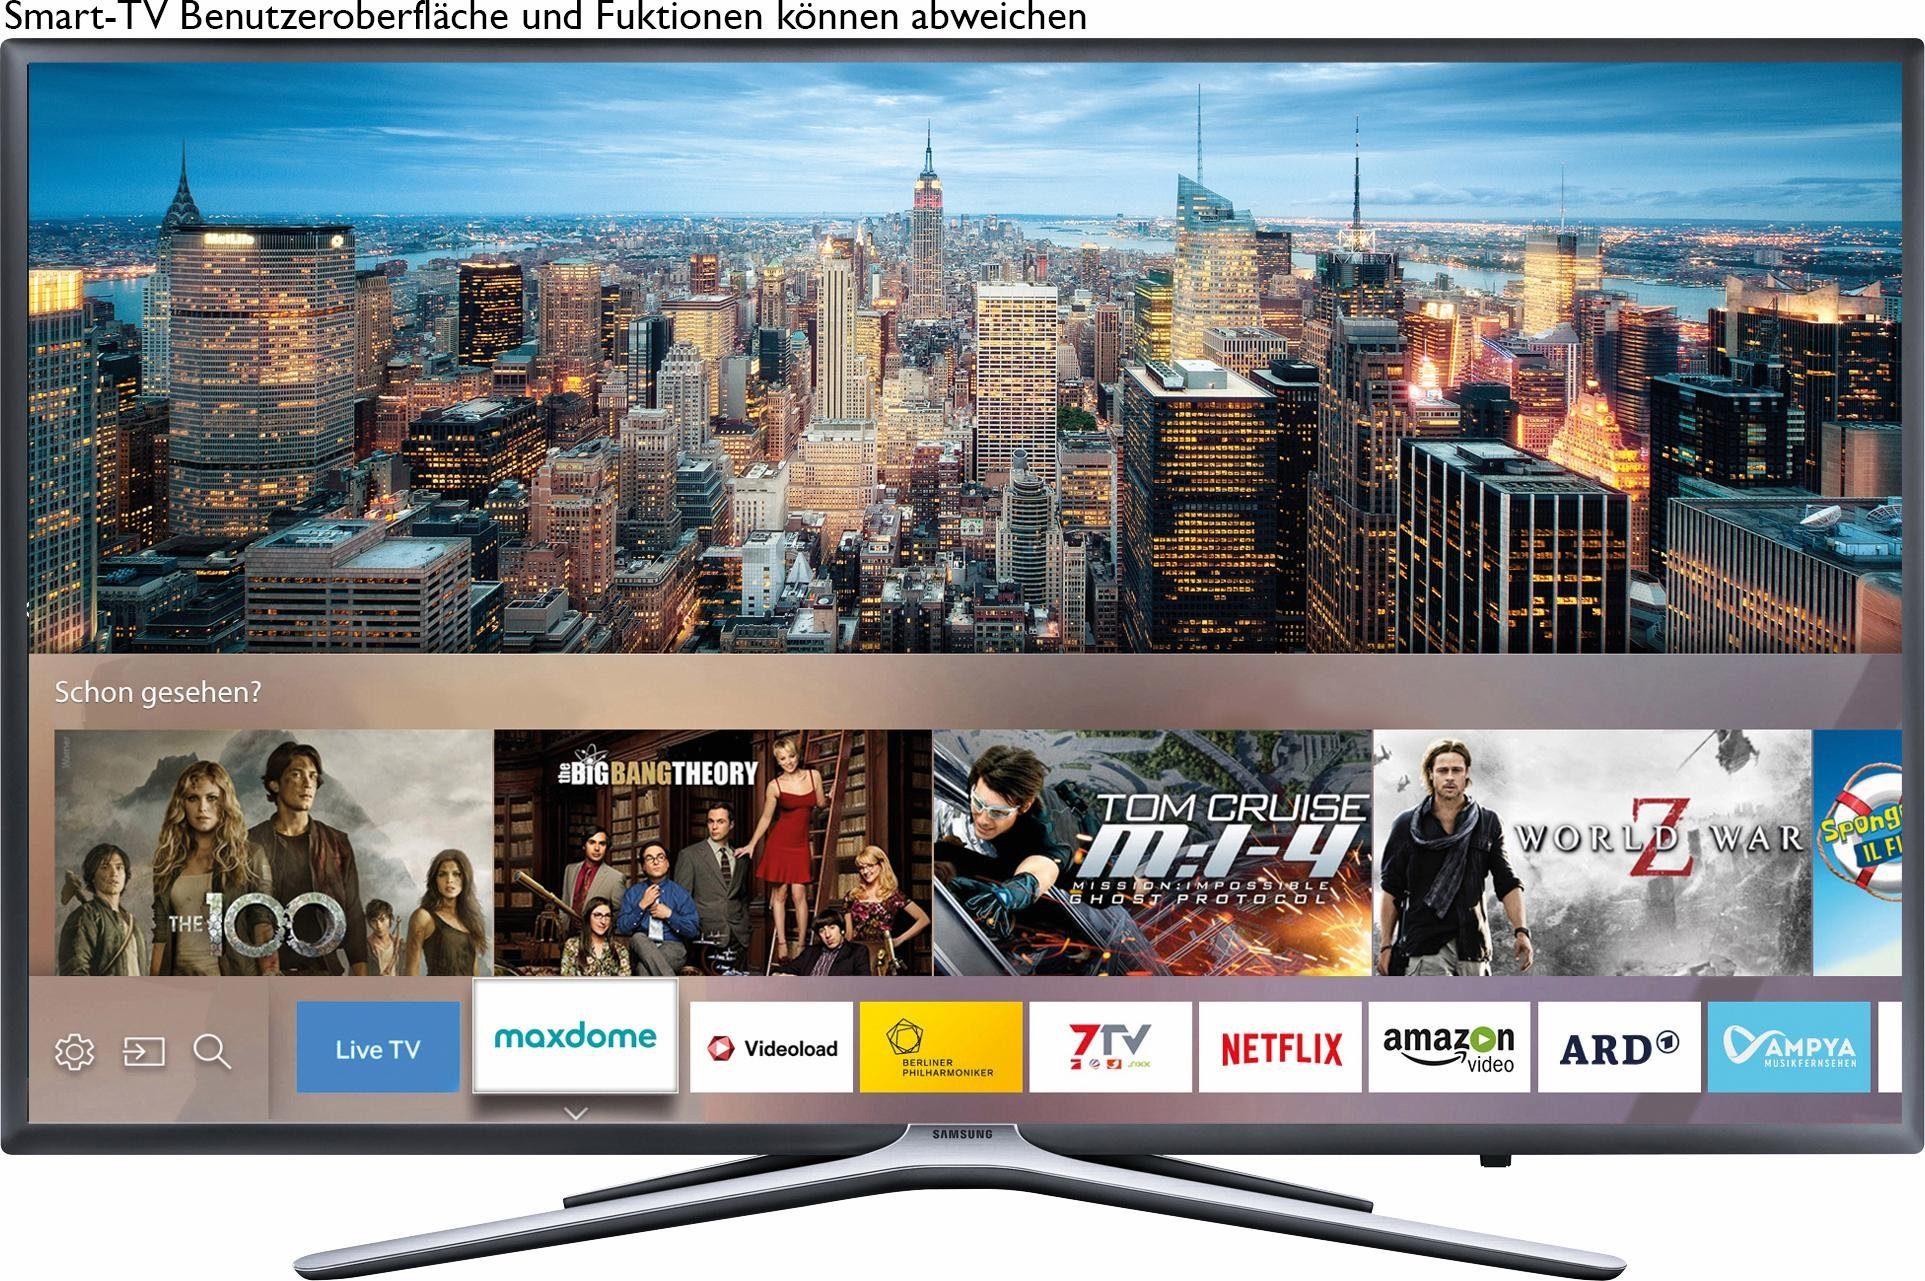 Samsung UE55K5579SUXZG LED Fernseher inkl. 36 Monate Garantie (138 cm (55 Zoll), 1080p (Full HD), Smart-TV)